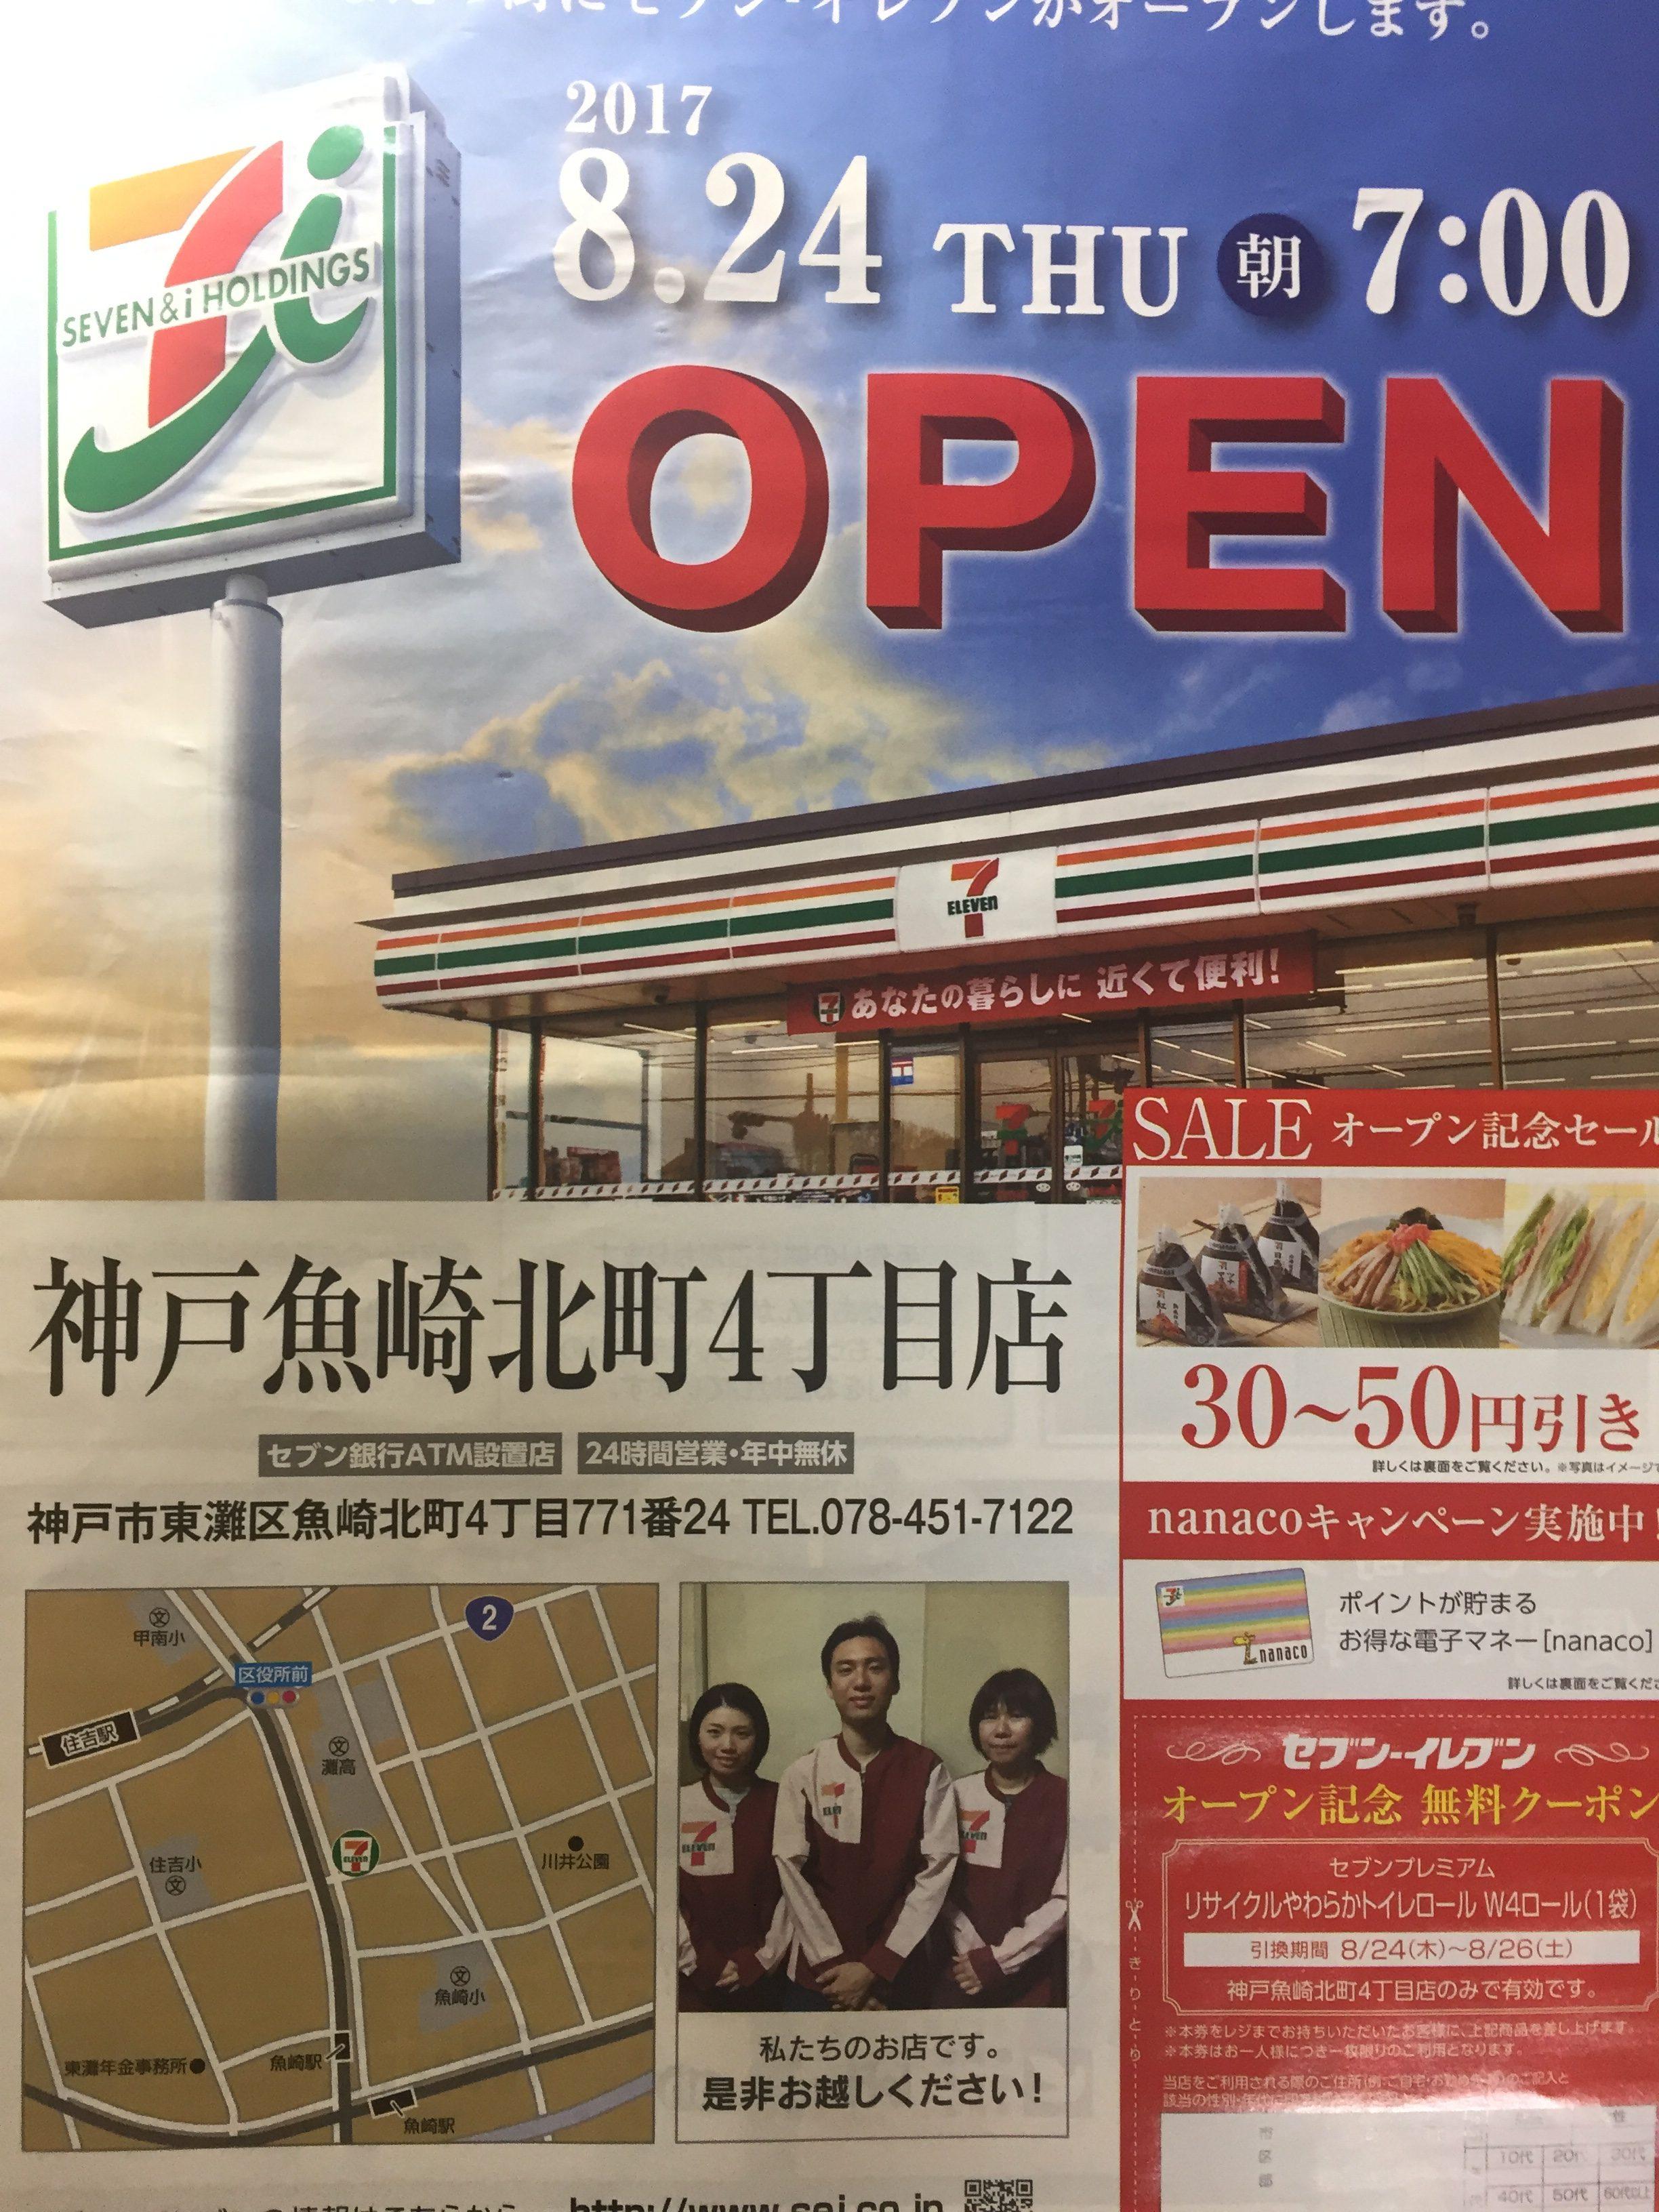 神戸・魚崎に8/24(木)「セブン・イレブン神戸魚崎北町4丁目店」がオープンするよ! #新規オープン